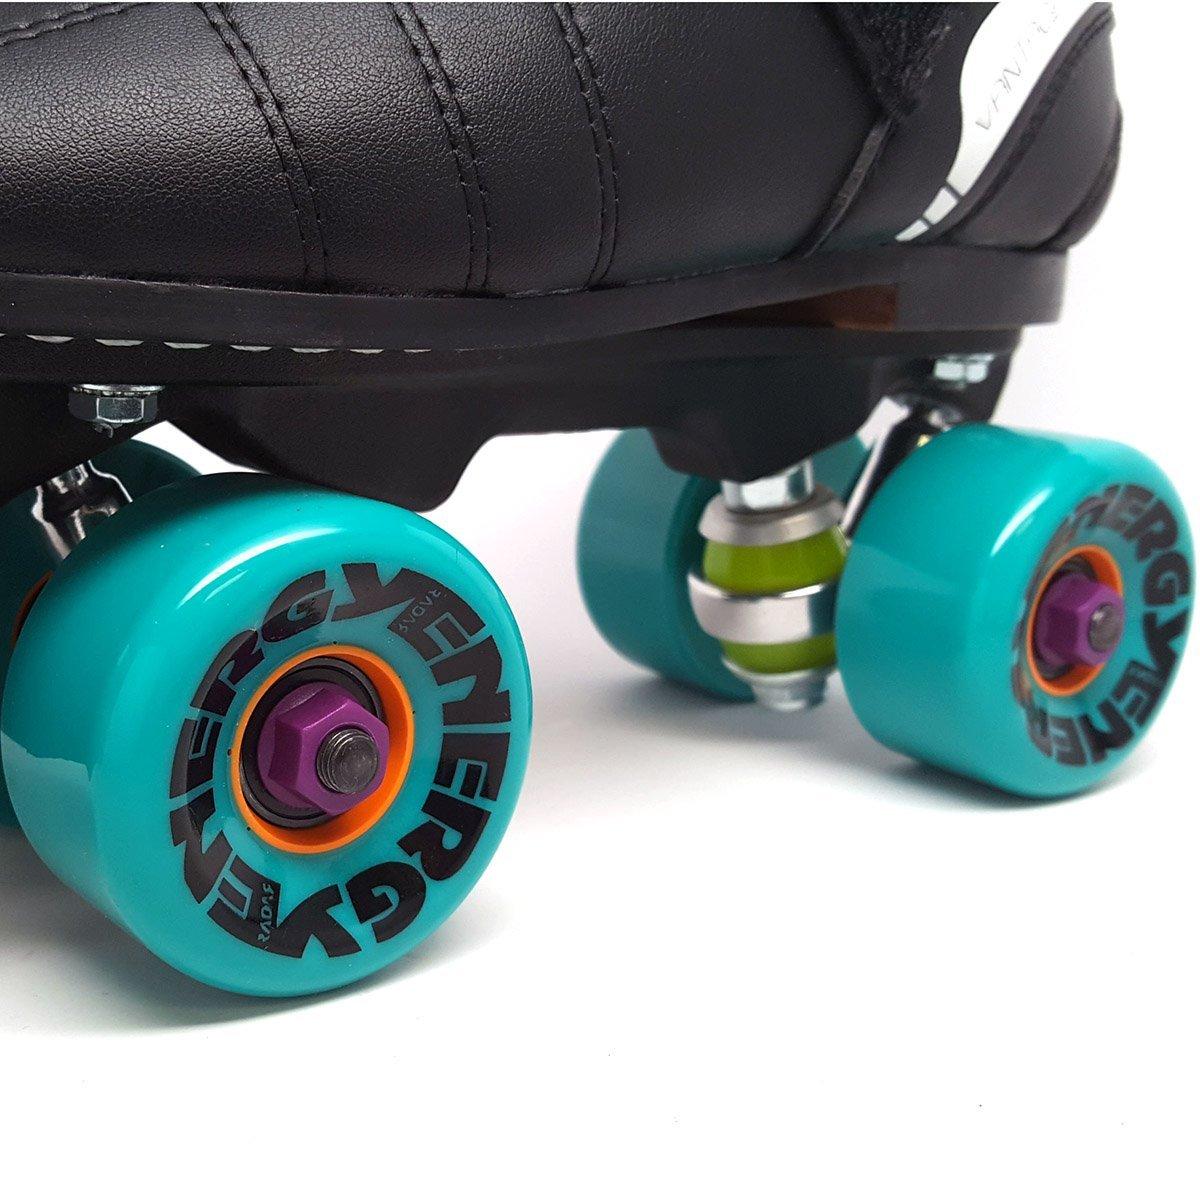 Jackson Phreakskate Outdoor Aqua Energy 62mm Quad Roller Speed Skate New for 2017